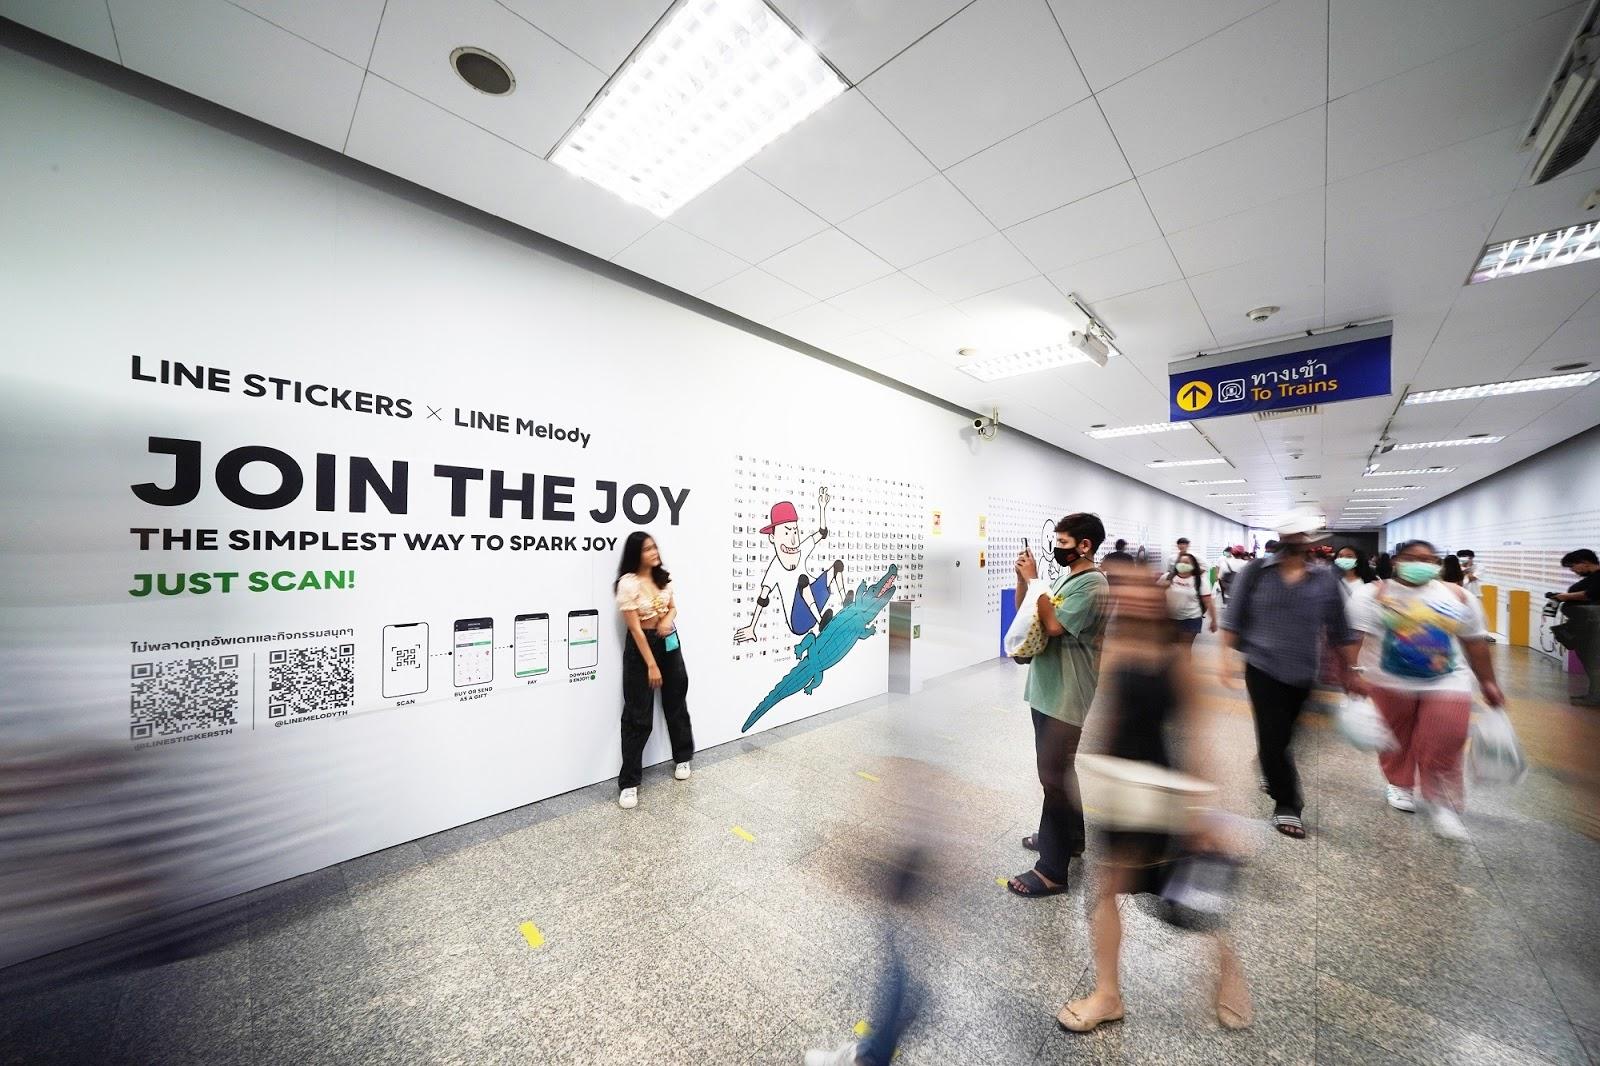 """FINAL CALL! โค้งสุดท้ายกับอุโมงค์ Art Gallery """"JOIN THE JOY """" รีบไปเช็กอิน แชะภาพ แชร์ประสบการณ์แบบจอย! จอย! ได้ถึง 30 กันยายนนี้เท่านั้น"""